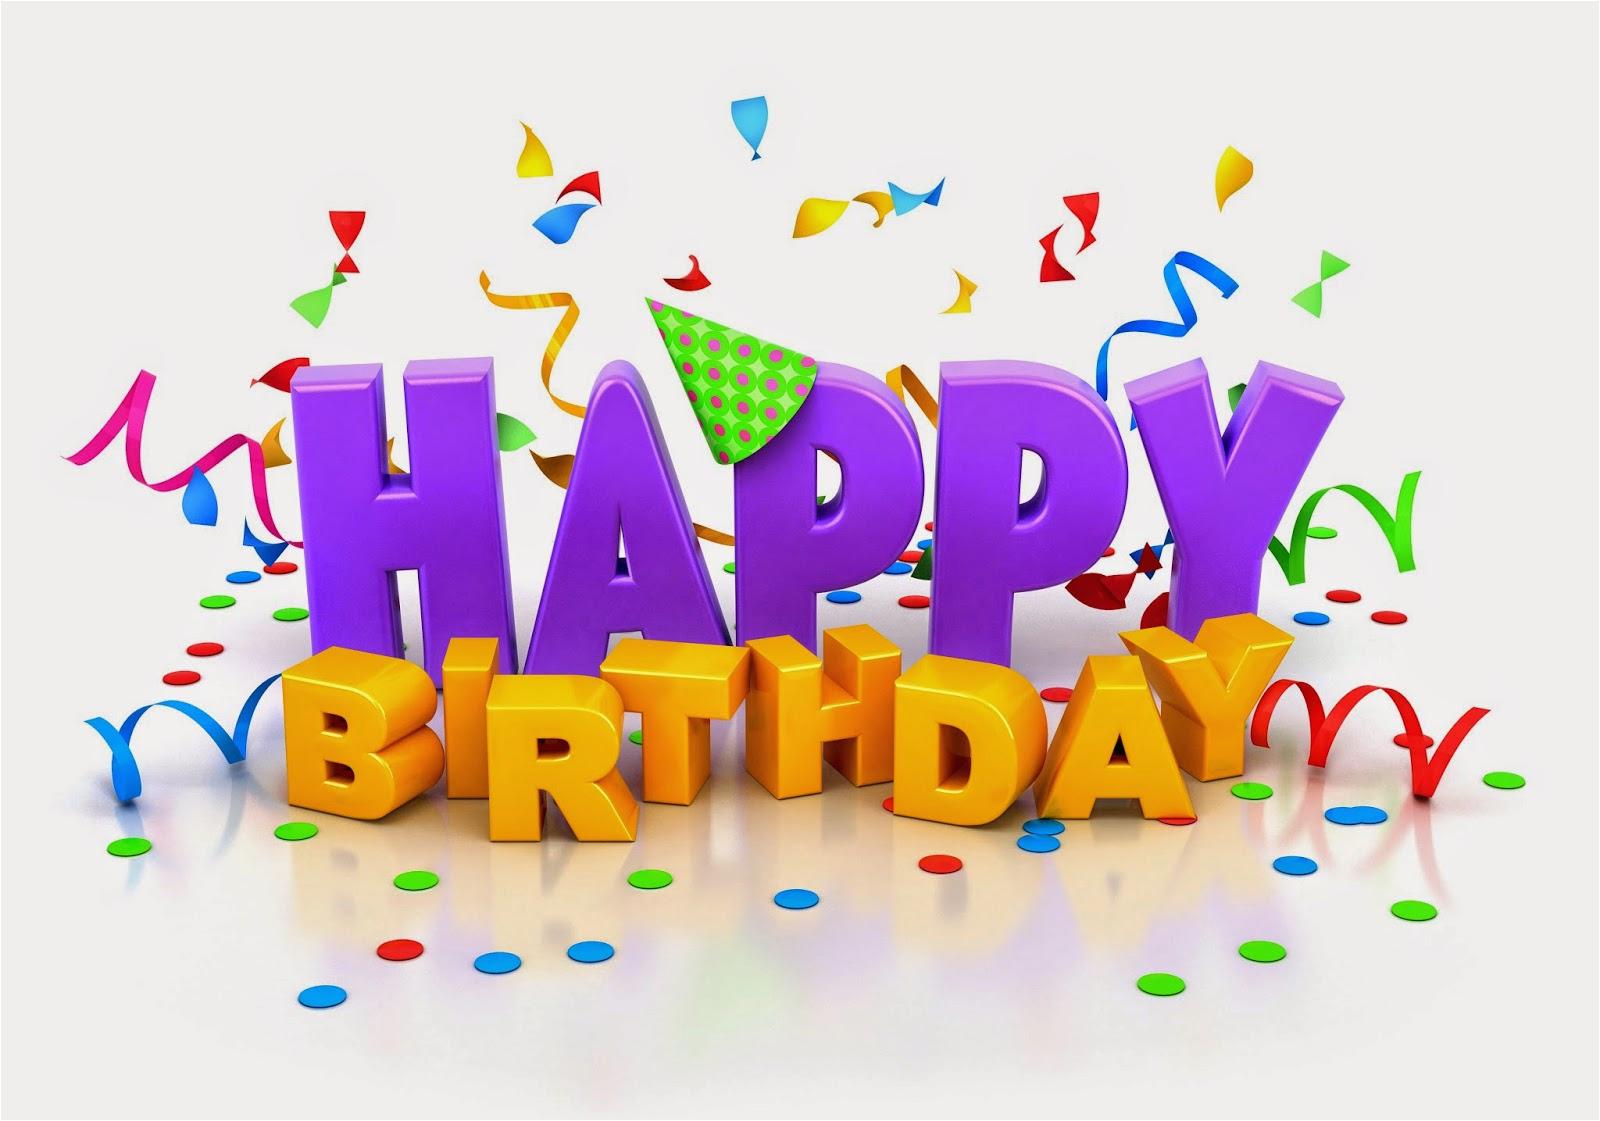 Happy Birthday Cards Email Birthdaybuzz